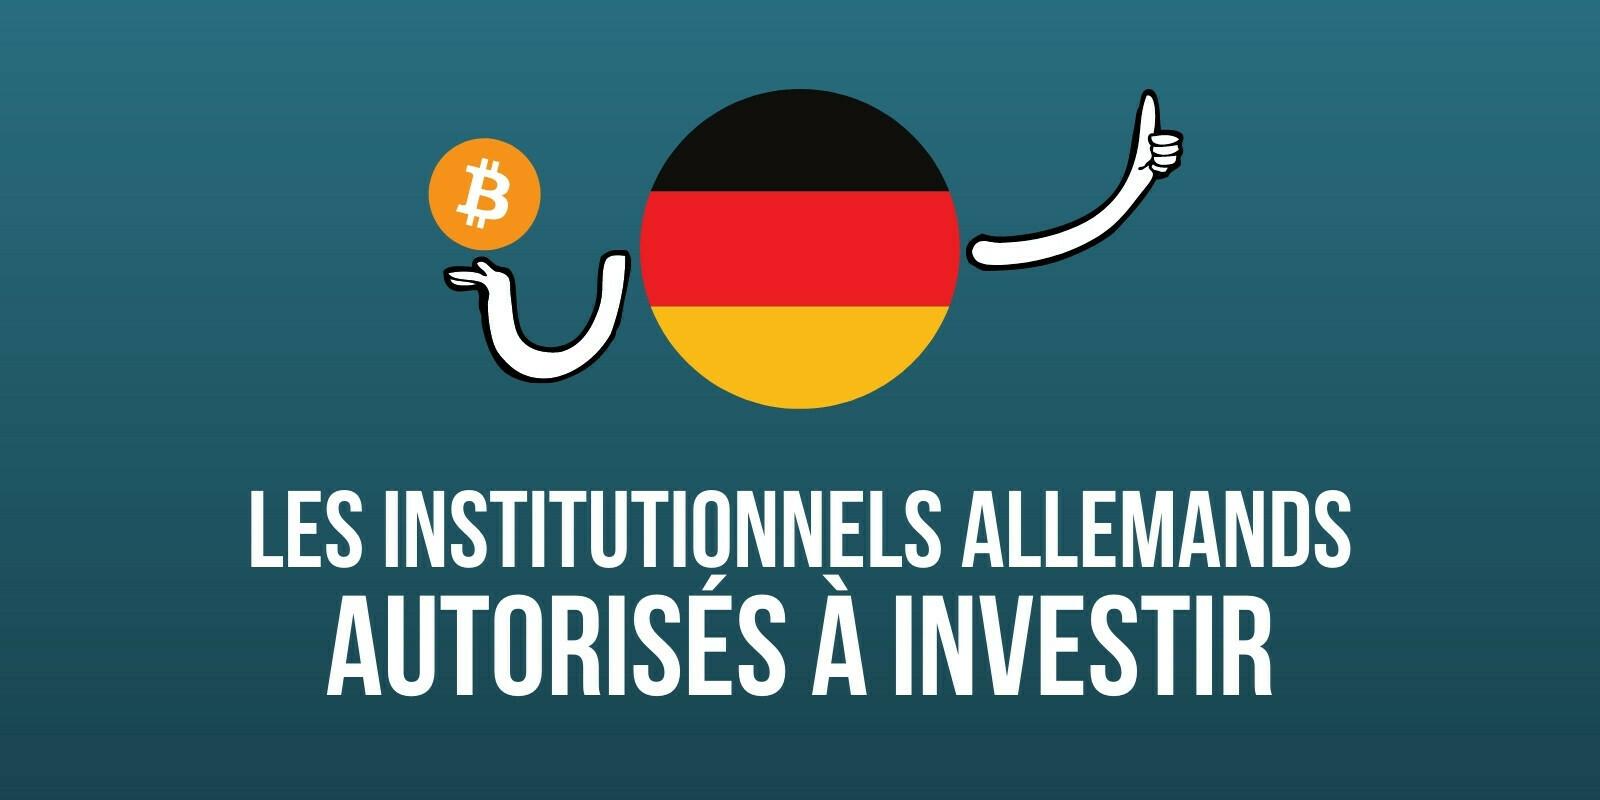 Les institutionnels allemands autorisés à investir dans les cryptomonnaies